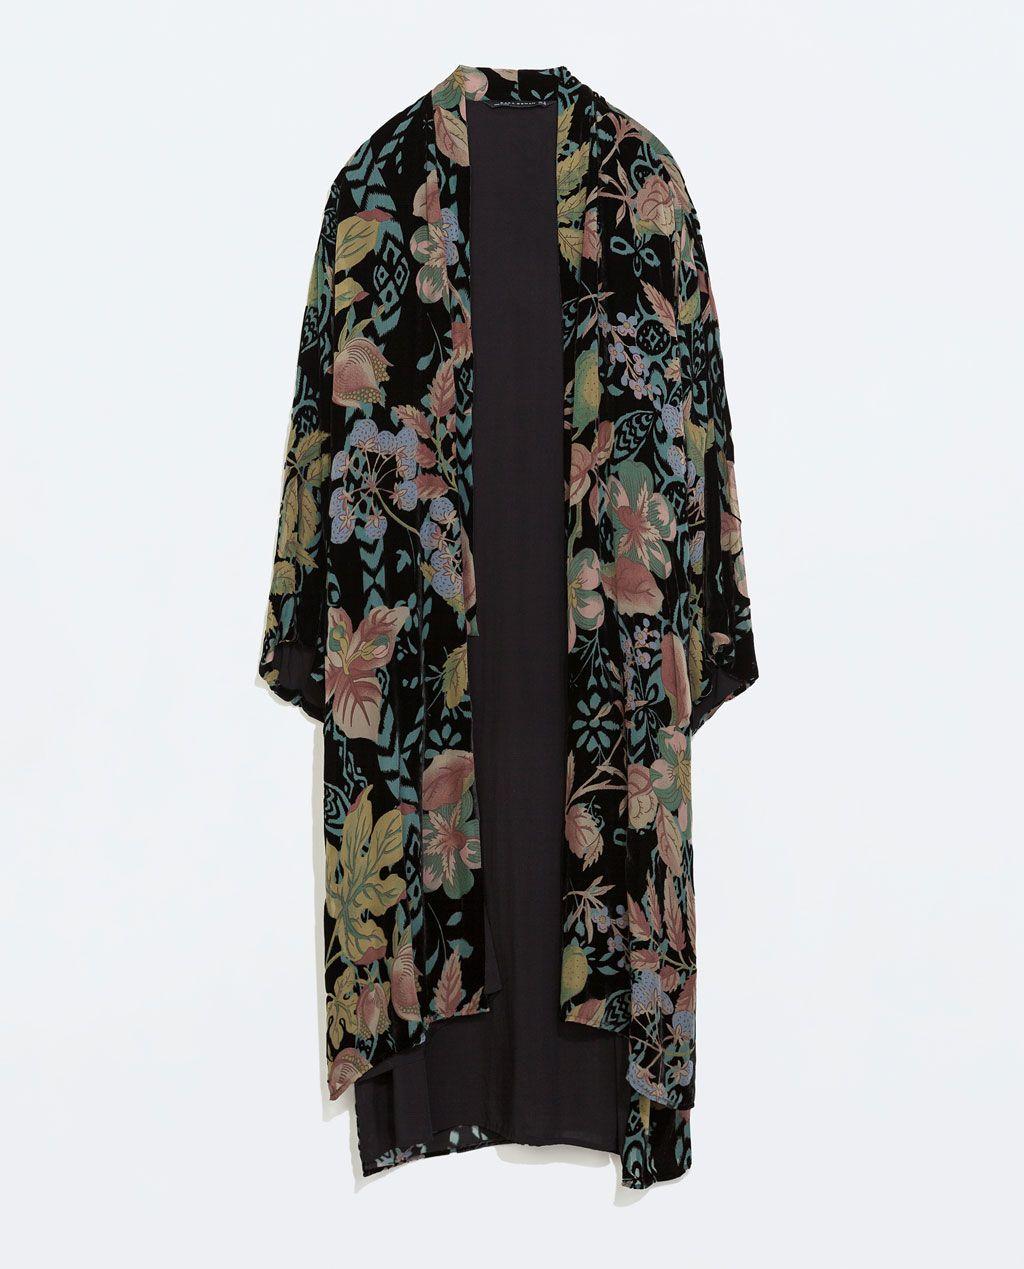 ZARA ÚLTIMA SEMANA KIMONO LARGO TERCIOPELO | Kimono